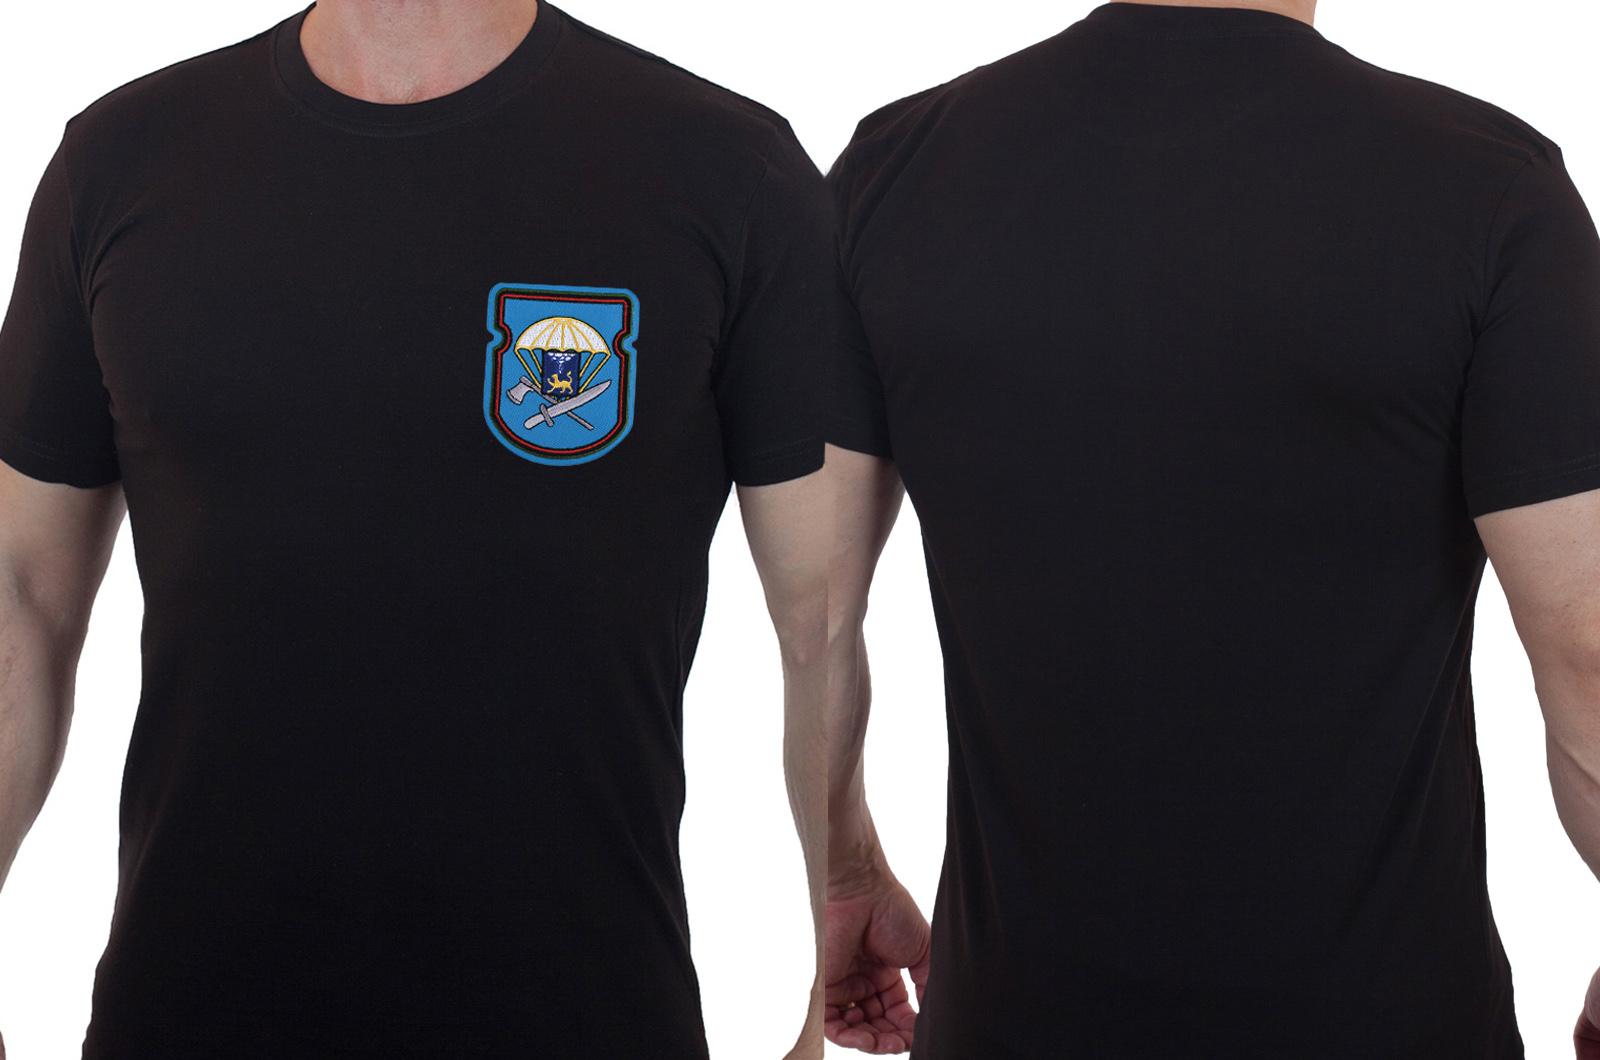 Футболка авторского дизайна с вышитым знаком 656-й отдельный инженерно-сапёрный батальон 76-ой ДШД - купить онлайн